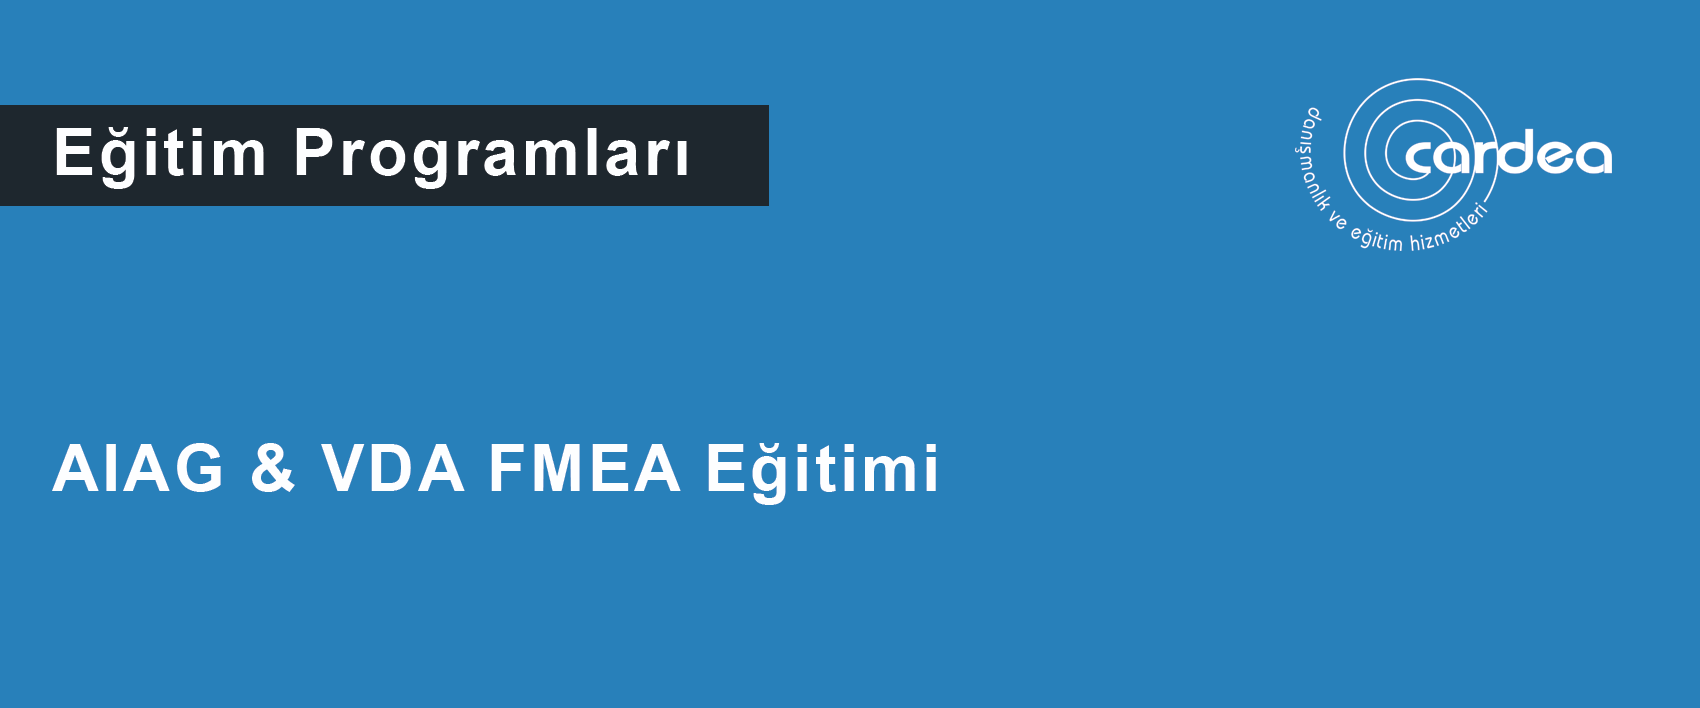 AIAG & VDA FMEA Eğitimi